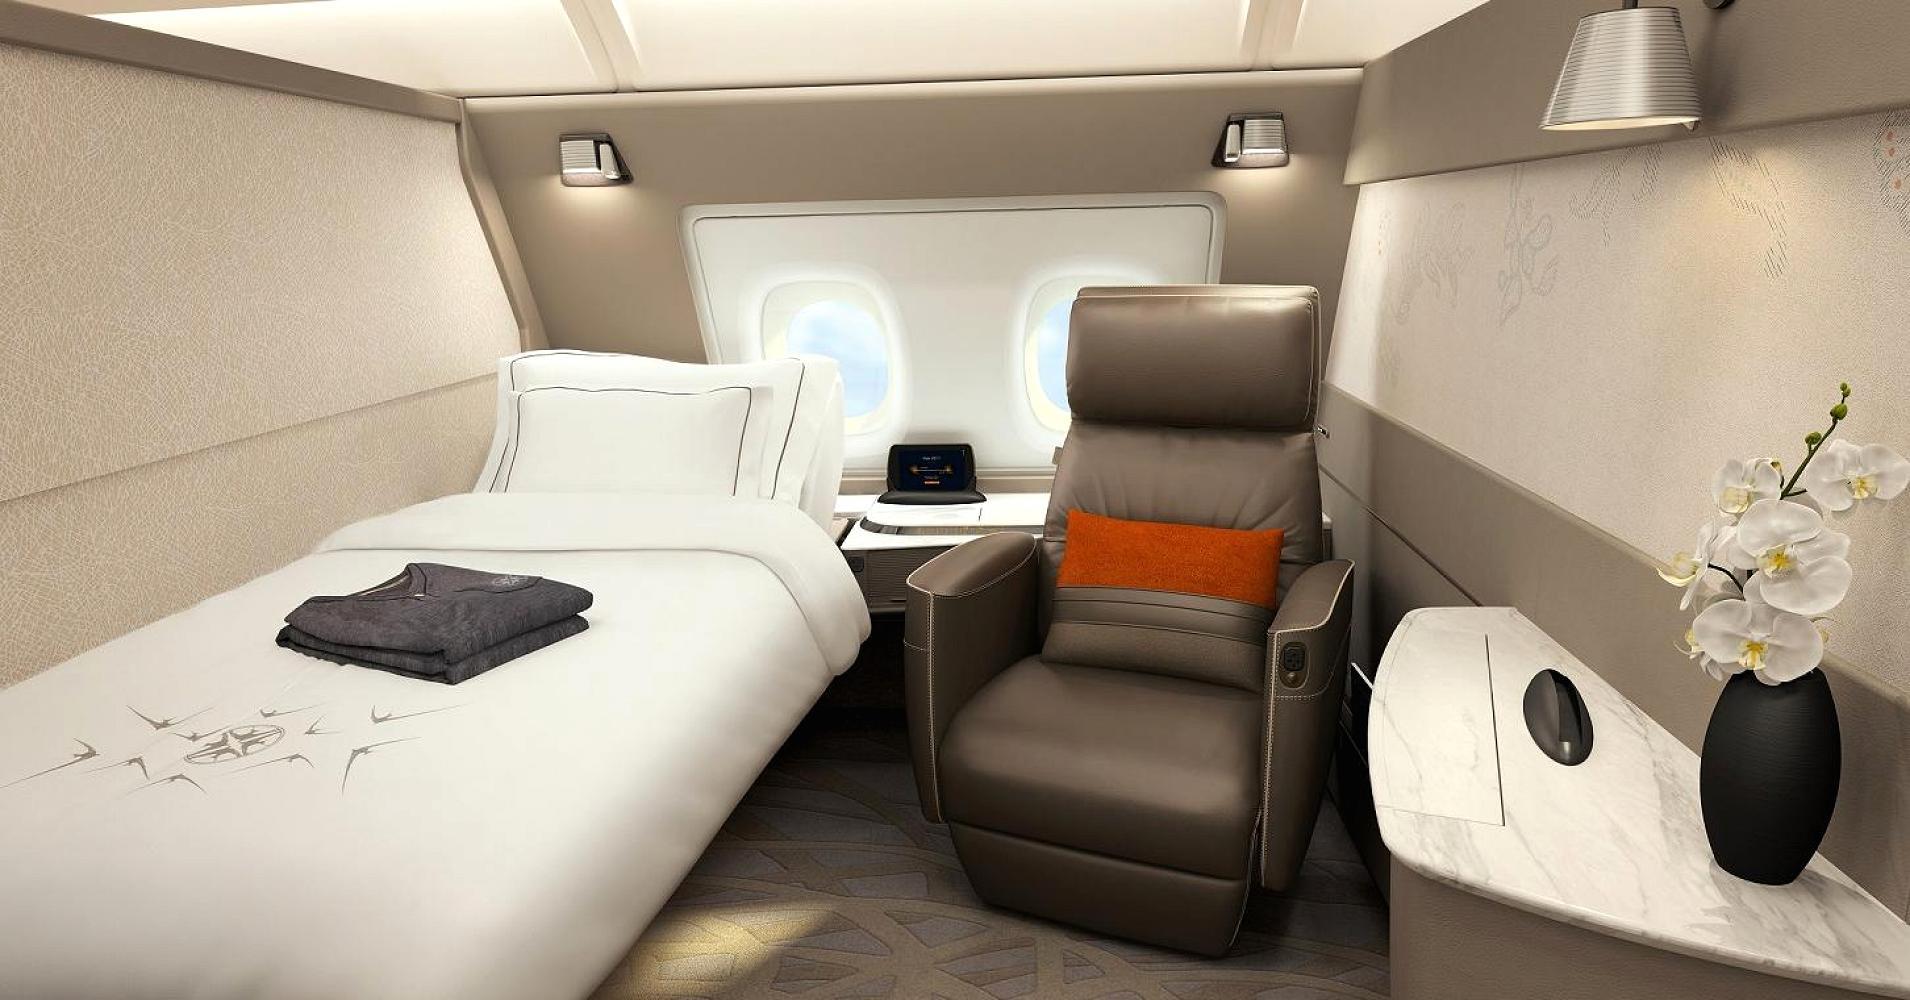 A nova suíte da primeira classe do A380 da companhia Singapore Airlines